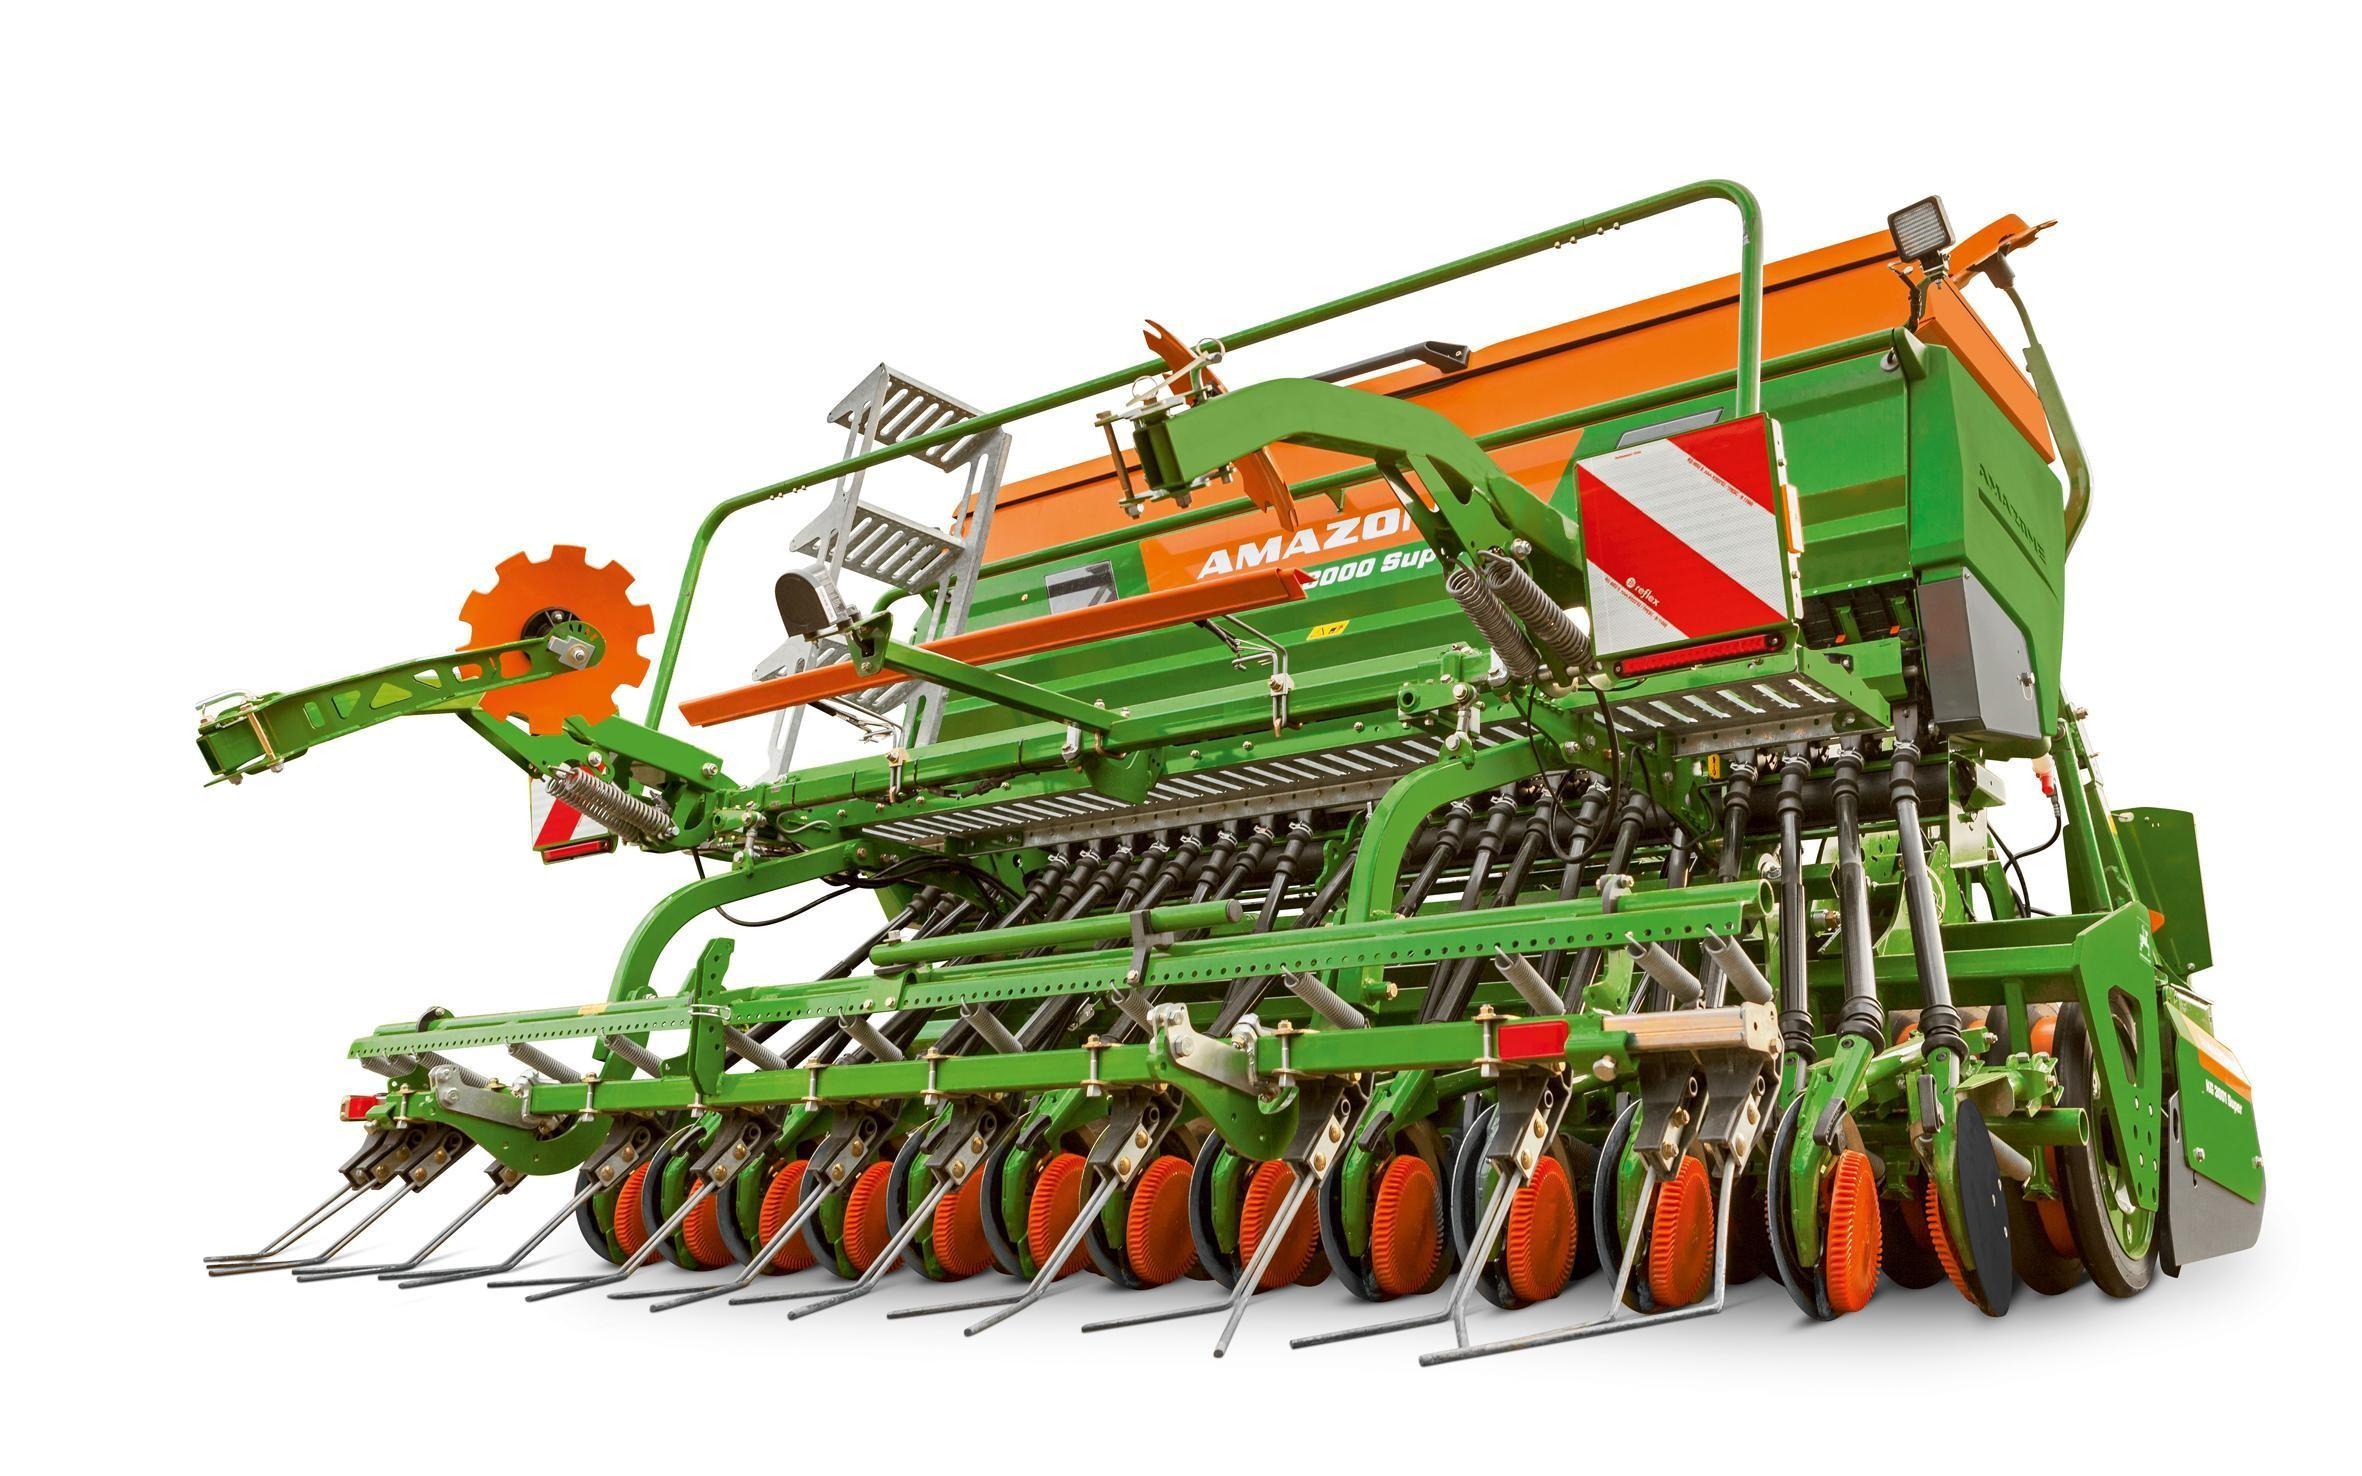 Оновлений посівний комплекс Amazone Cataya Super оснащений однодисковими сошниками RoTeC-Control